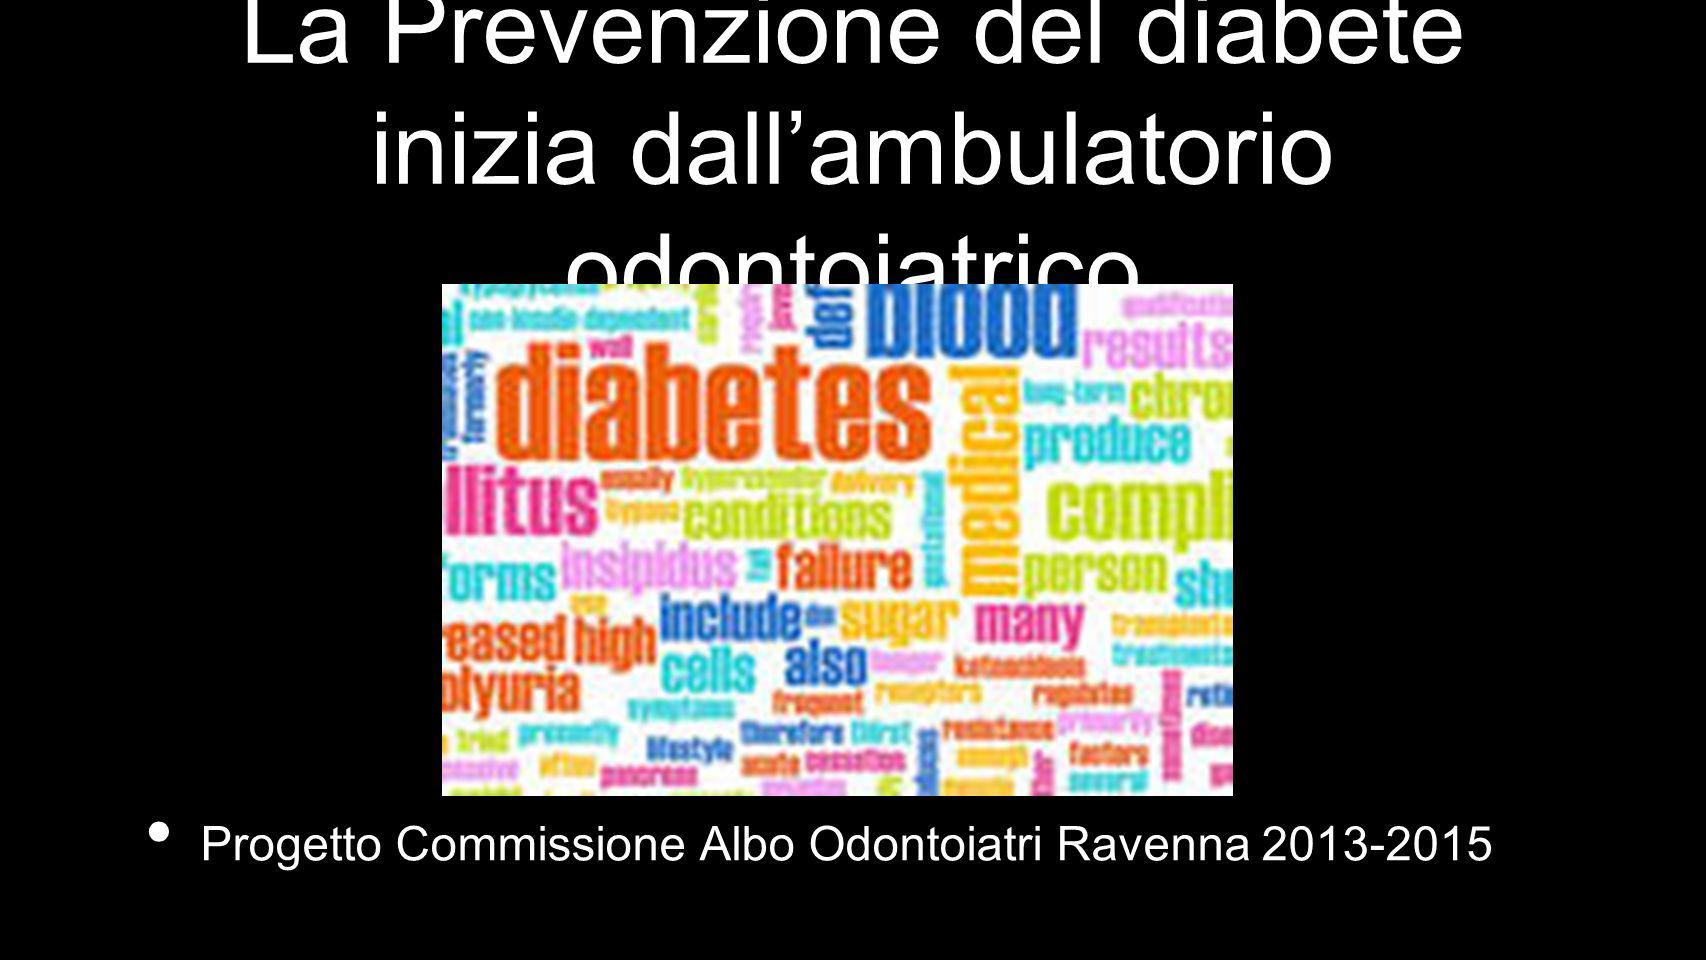 La Prevenzione del diabete inizia dall'ambulatorio odontoiatrico